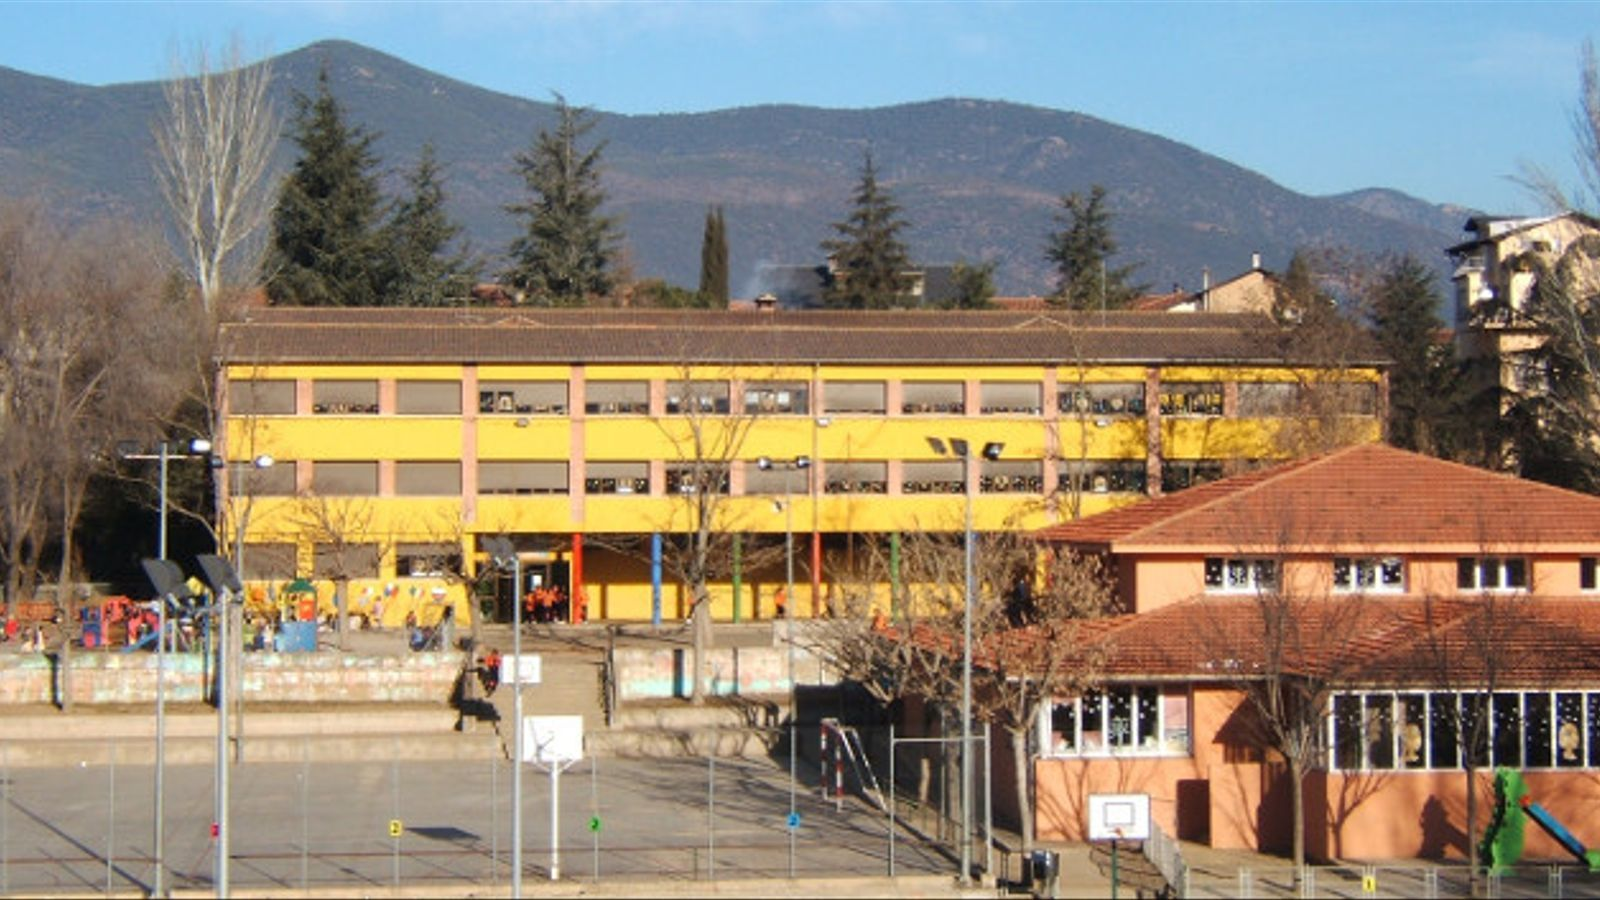 L'escola Albert Vives de la Seu d'Urgell. / AJUNTAMENT DE LA SEU